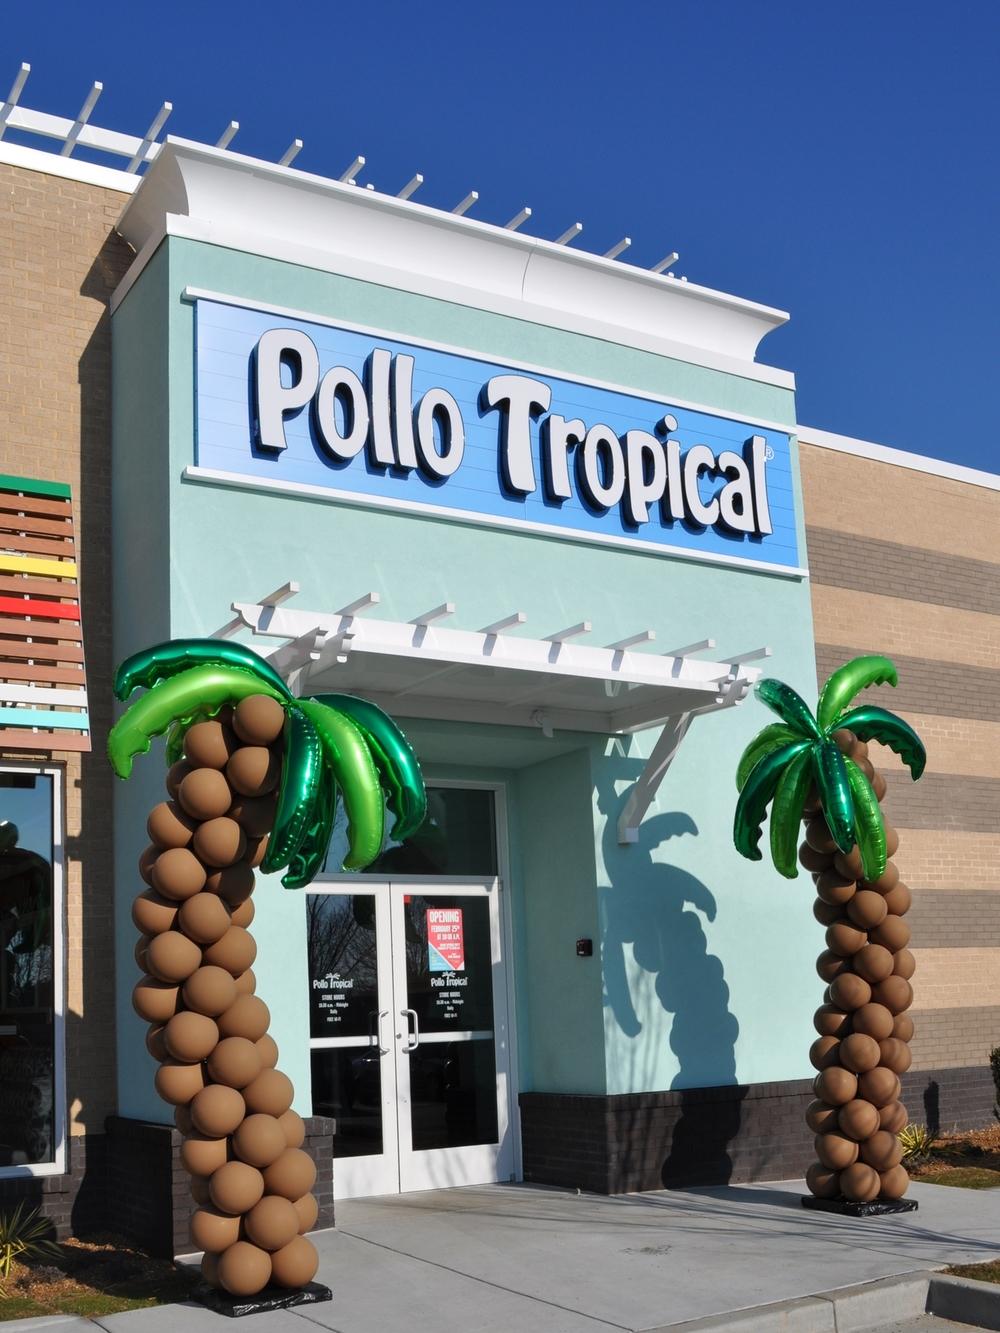 Balloon palm trees for Pollo Tropical